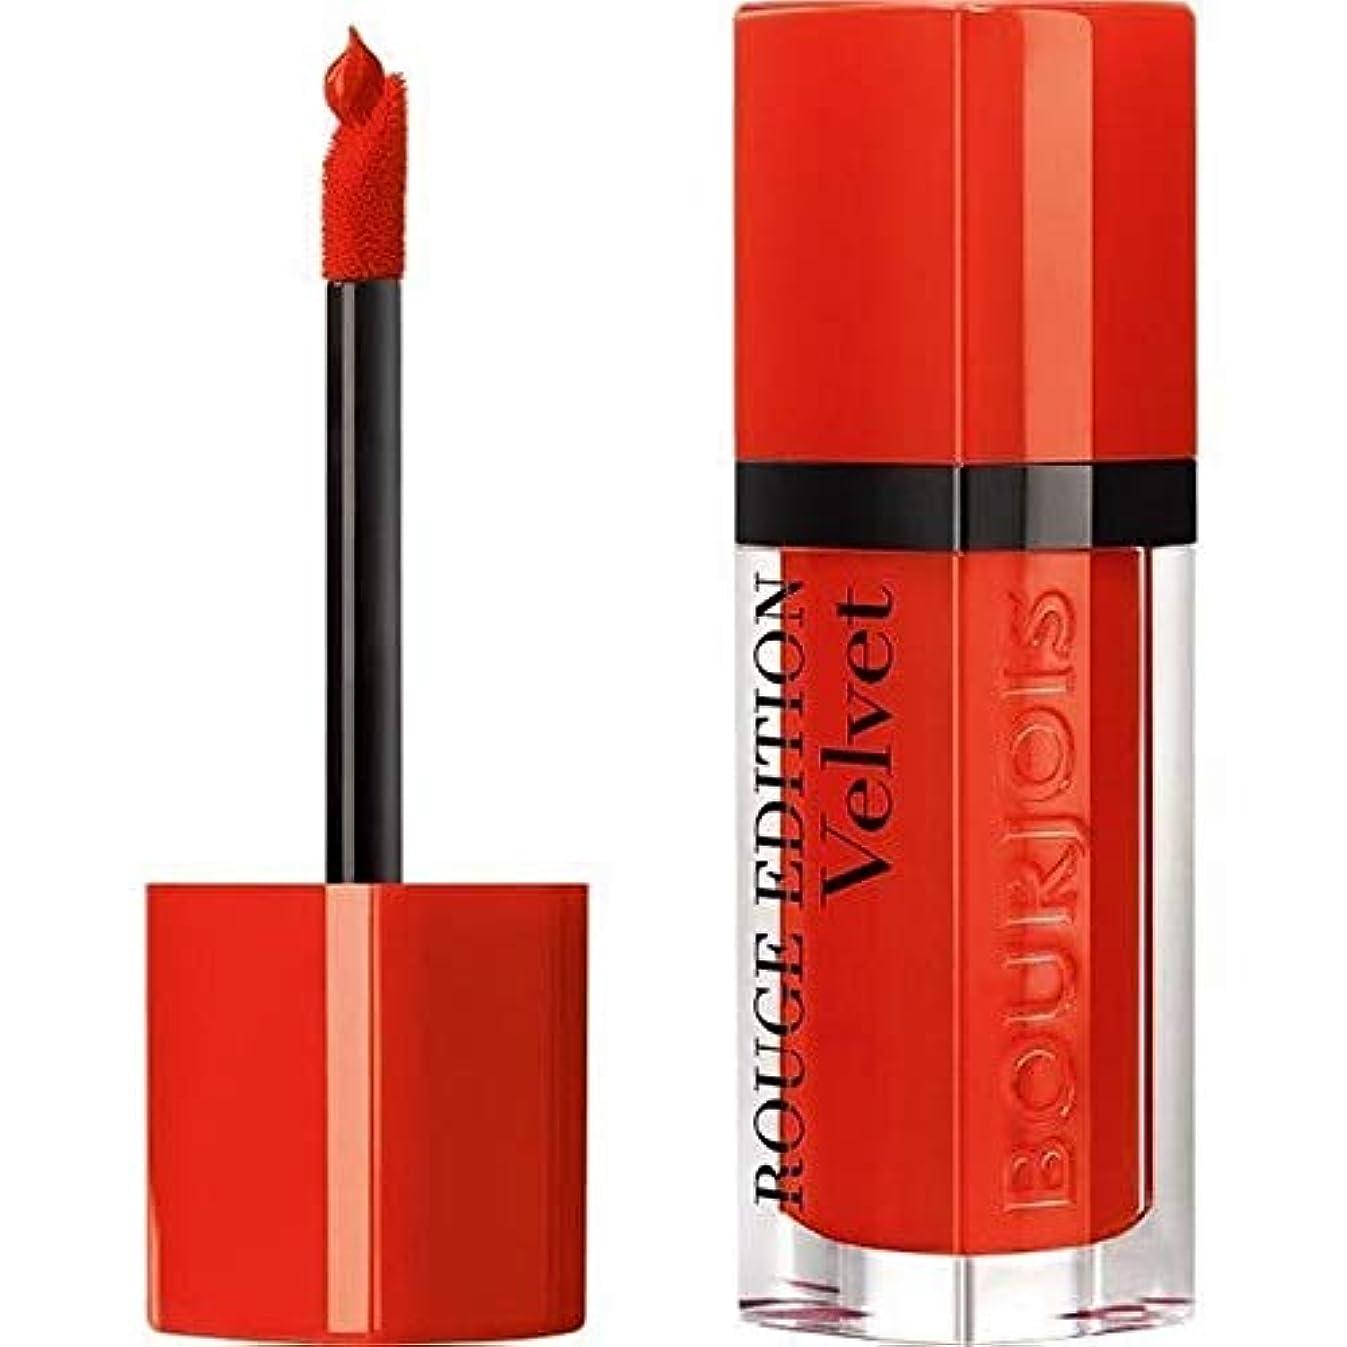 淡い害闇[Bourjois ] ブルジョワルージュ版のベルベットの口紅ケシの日20 - Bourjois Rouge Edition Velvet Lipstick Poppy Days 20 [並行輸入品]